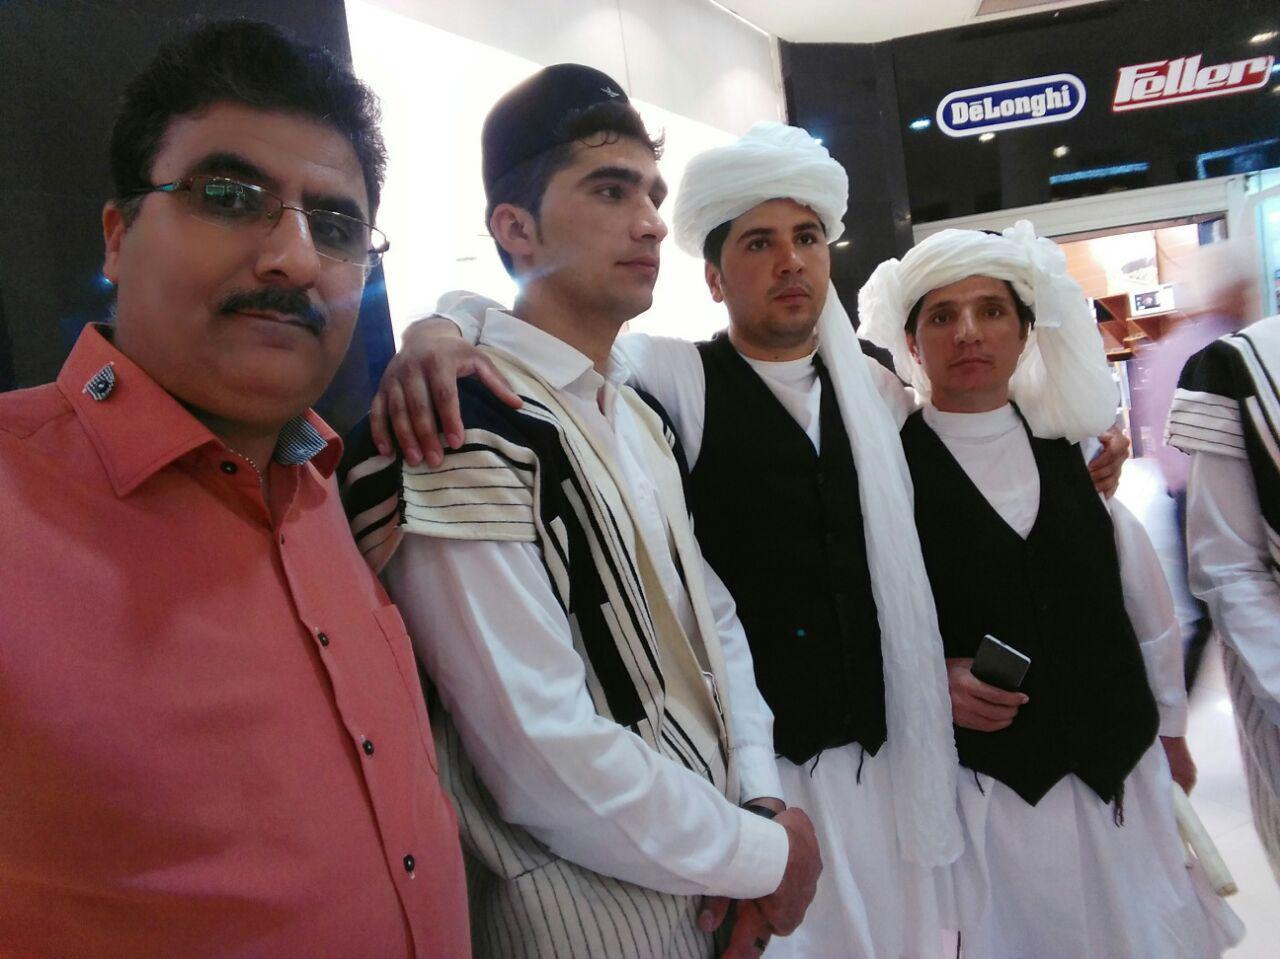 000000124 مدیر عامل شرکت بین امللی برنطین  کیش /  نوروز میرزاده / عکس یادگاری با دوستان لر زبان